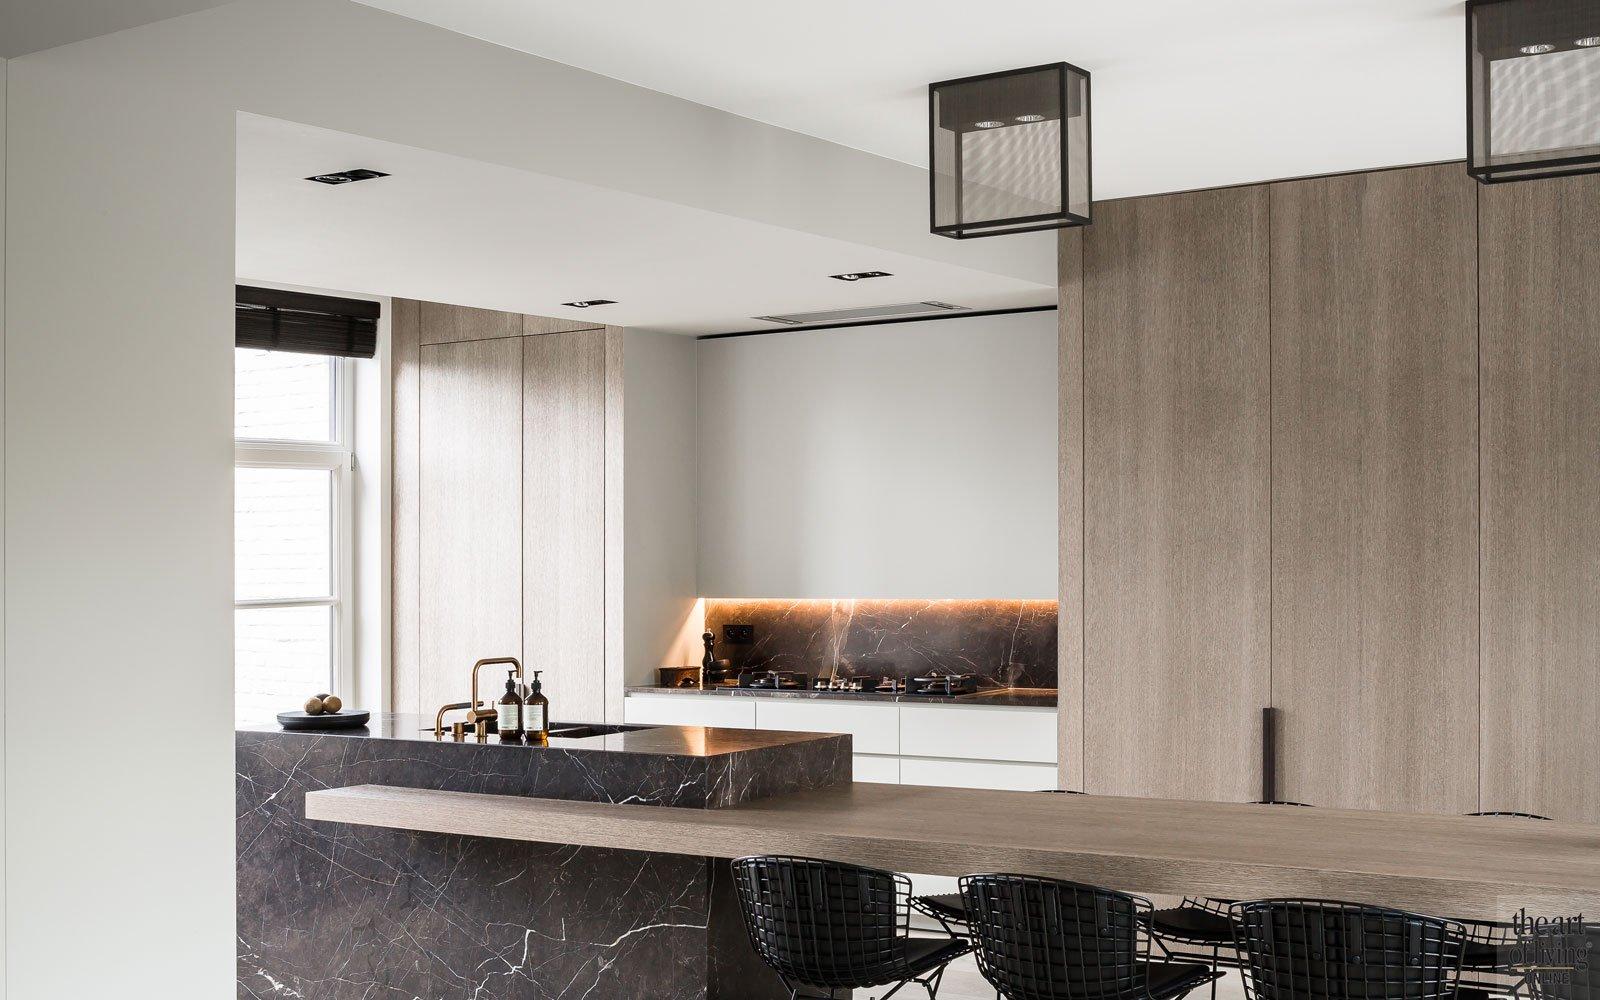 Keuken, natuursteen, leren wandbekleding, maatwerk kasten, kranen VOLA, renovatie herenhuis, JUMA architects